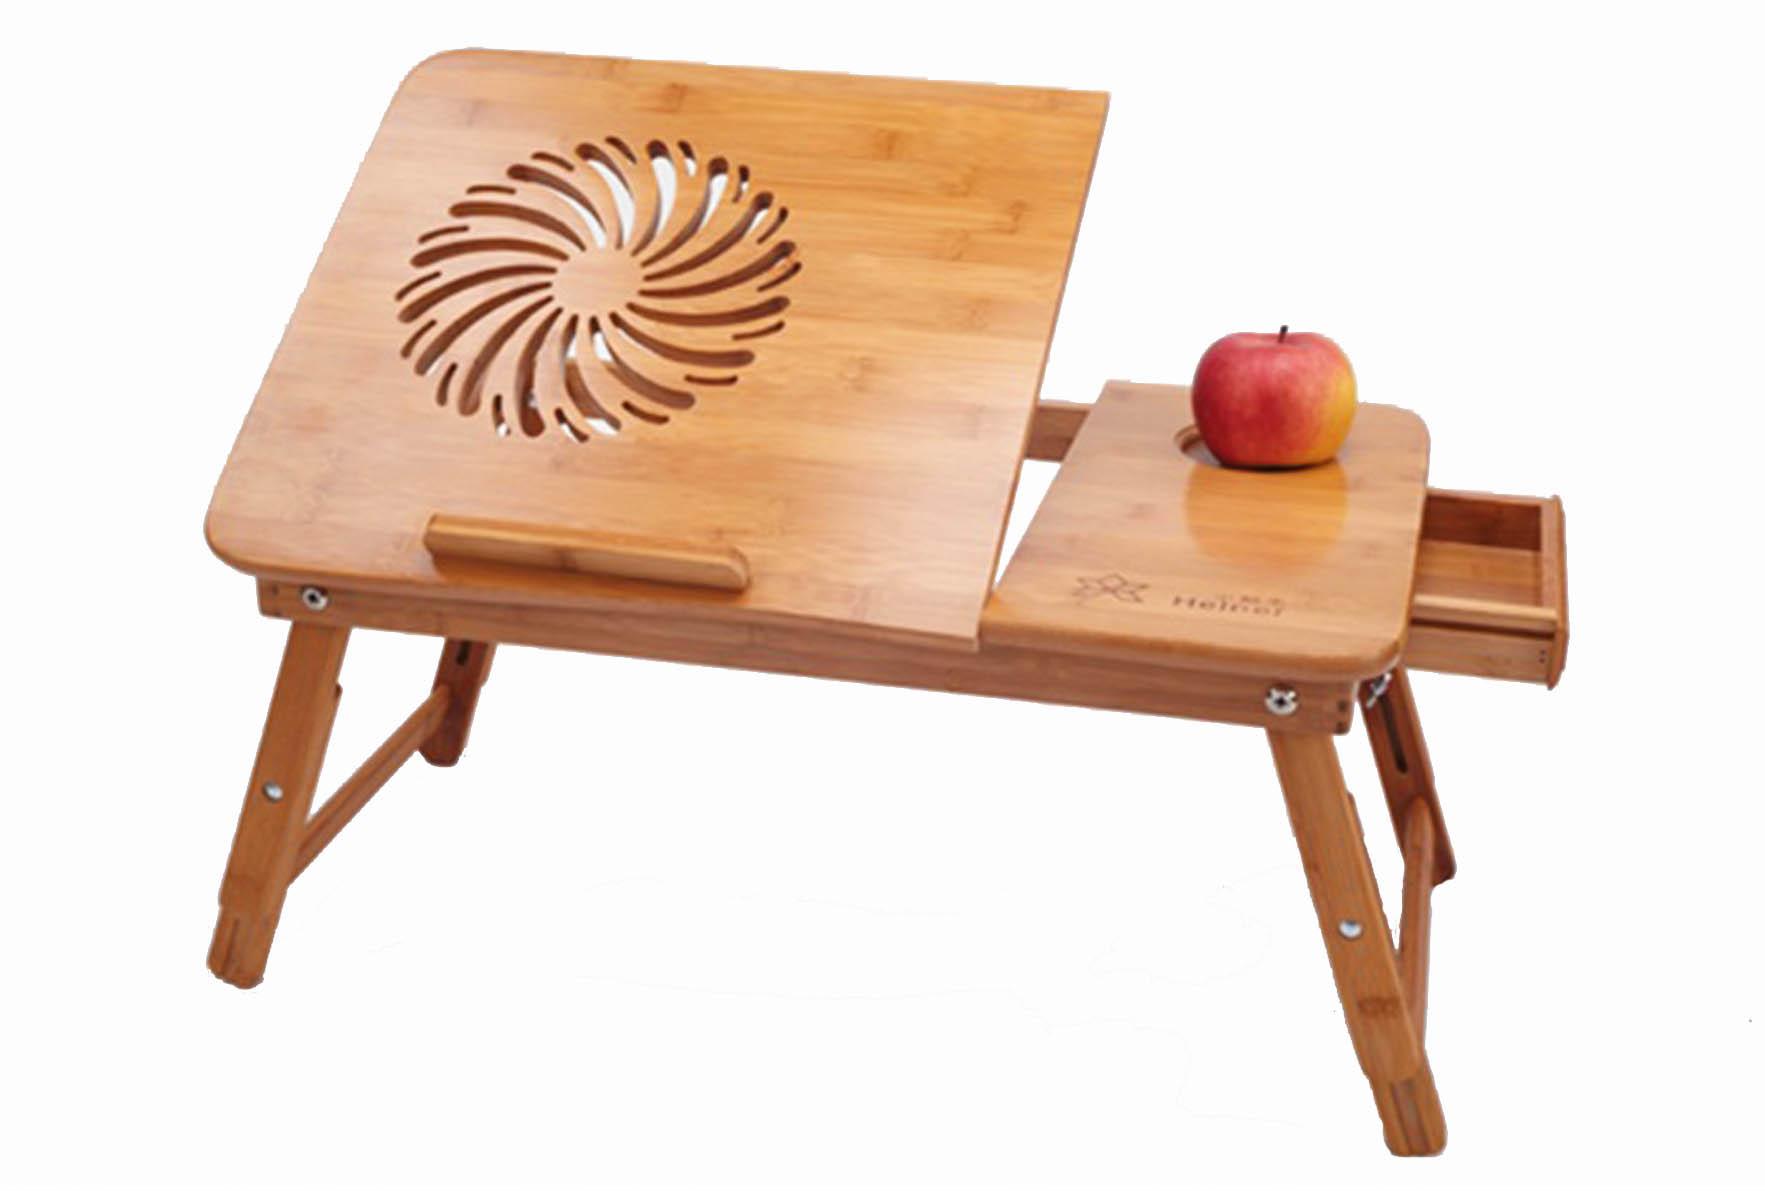 Столик для ноутбука Sititek Bamboo 1Бамбуковый столик SITITEK Bamboo 1 с системой охлаждения — идеальное решение для использования ноутбука на диване или лежа в кровати, а также для завтрака в постель! Регулируемая высота ножек, позволяет поставить столик рядом с диваном.<br><br>Изготовлен из бамбука — стильное дополнение к любому интерьеру, экологичный.<br>Регулируемые по высоте ножки позволяют по желанию ставить ноутбук рядом с диваном, кроватью или на них.<br>Встроенный вентилятор предотвратит перегрев ноутбука при длительной и интенсивной работе.<br><br>Вес кг: 2.80000000